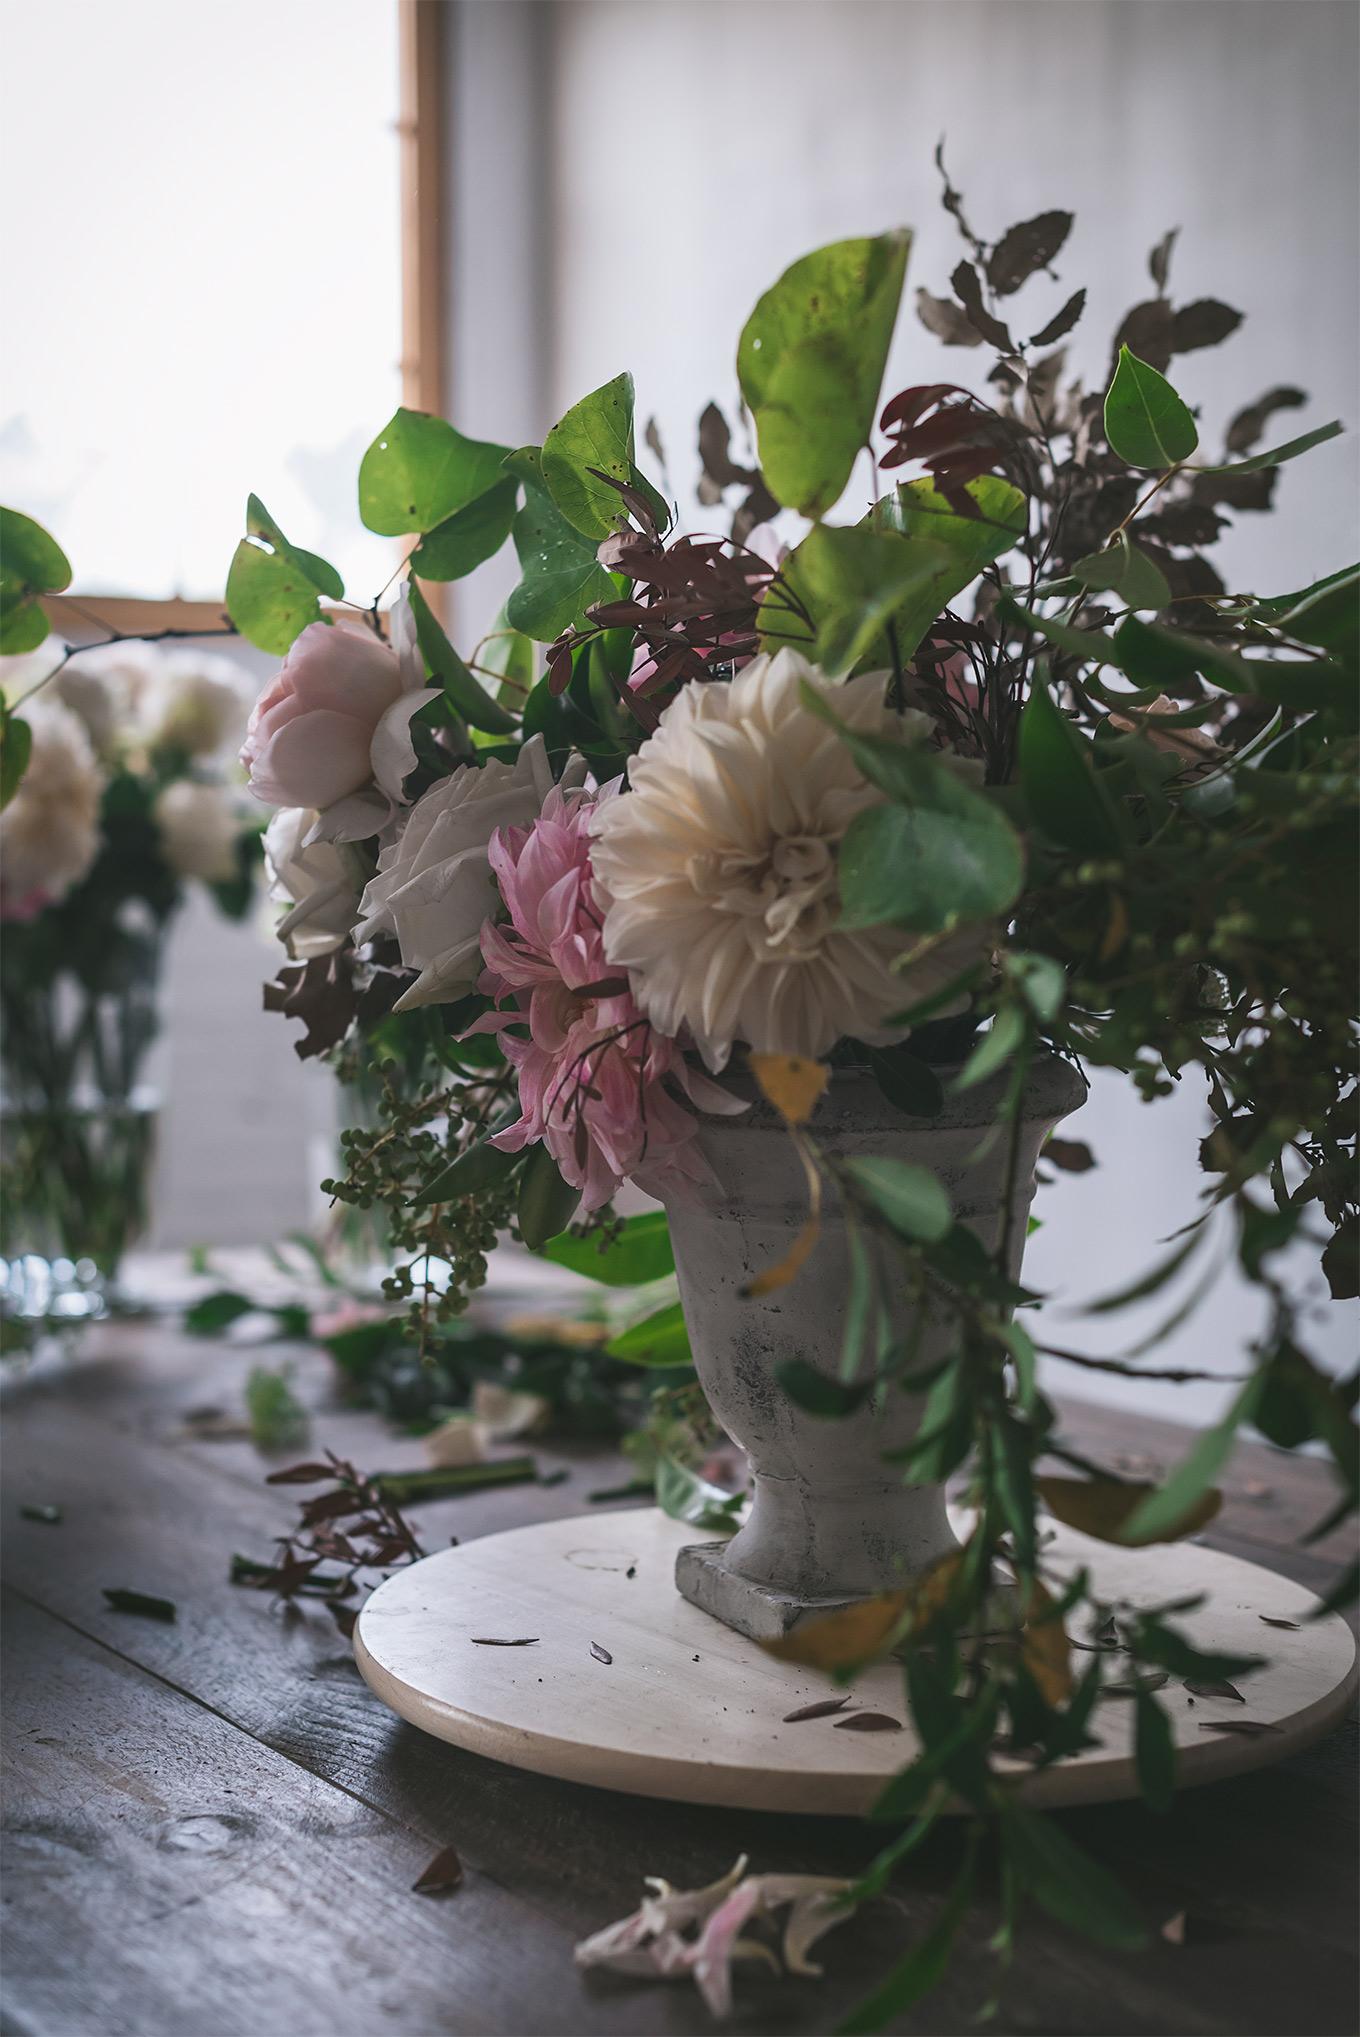 Centro flores- Patry Garcia